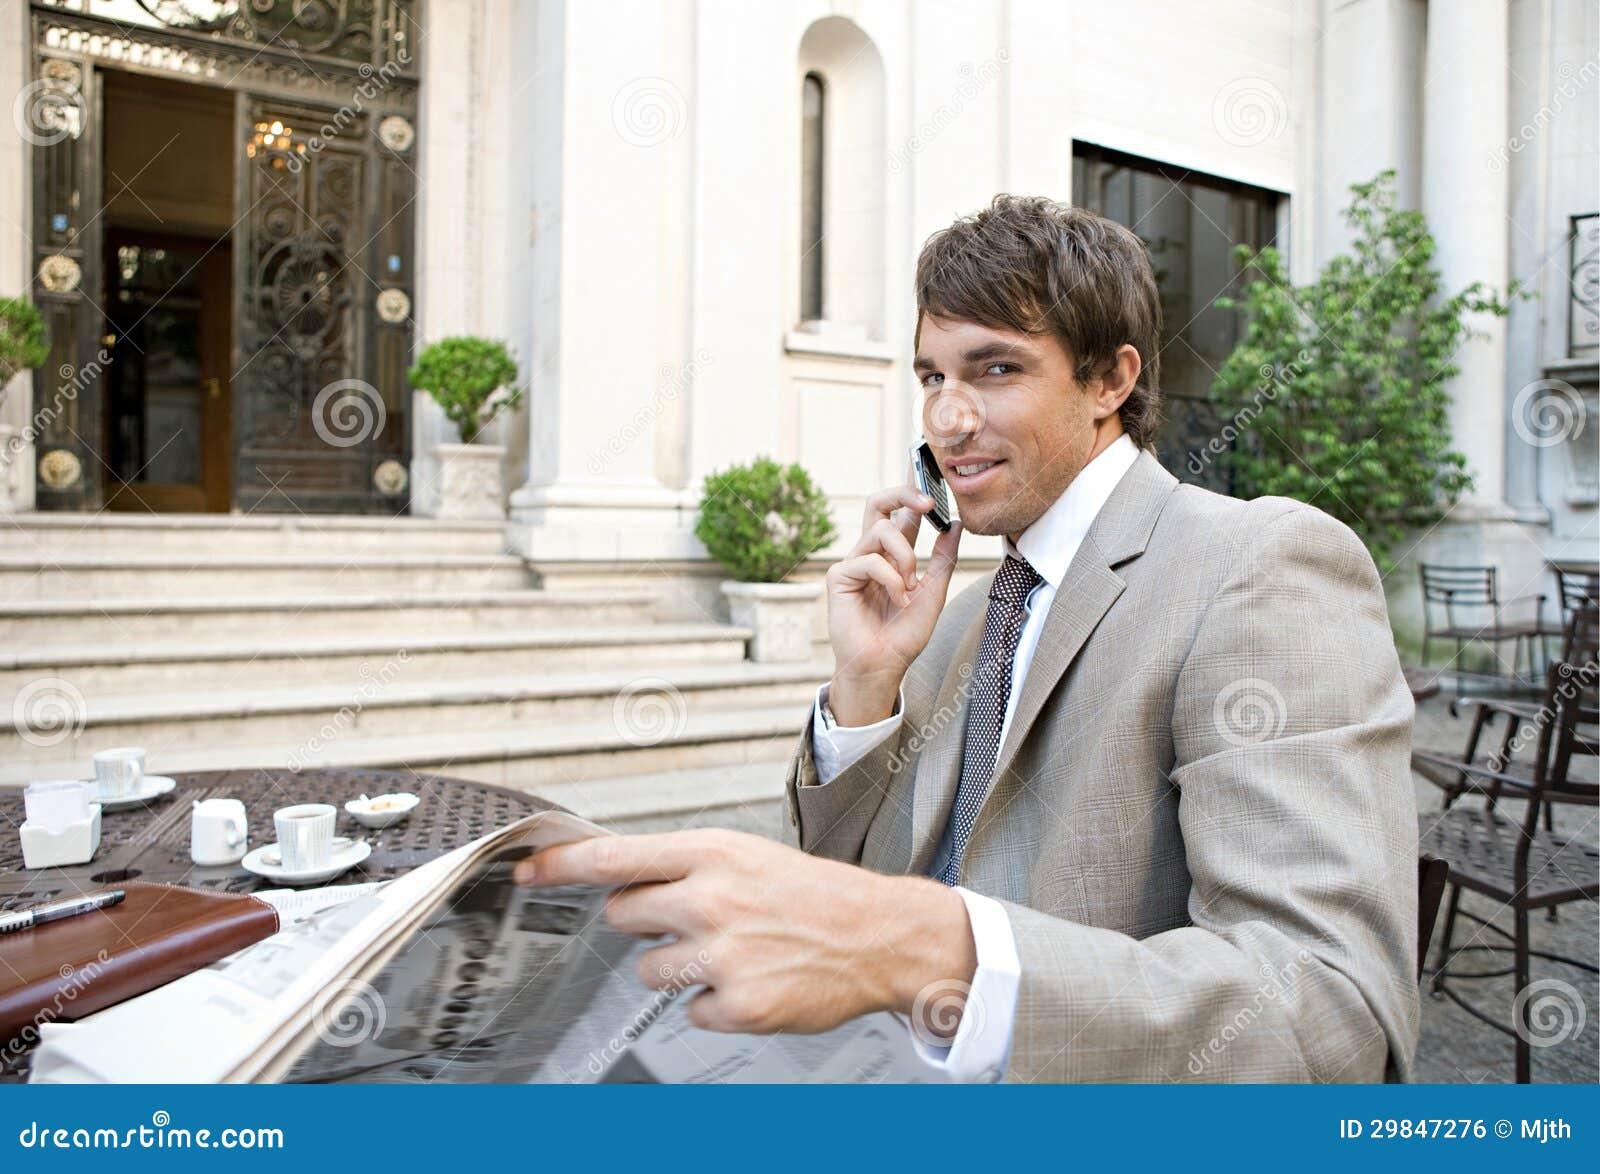 Papel da leitura do homem de negócios no café.